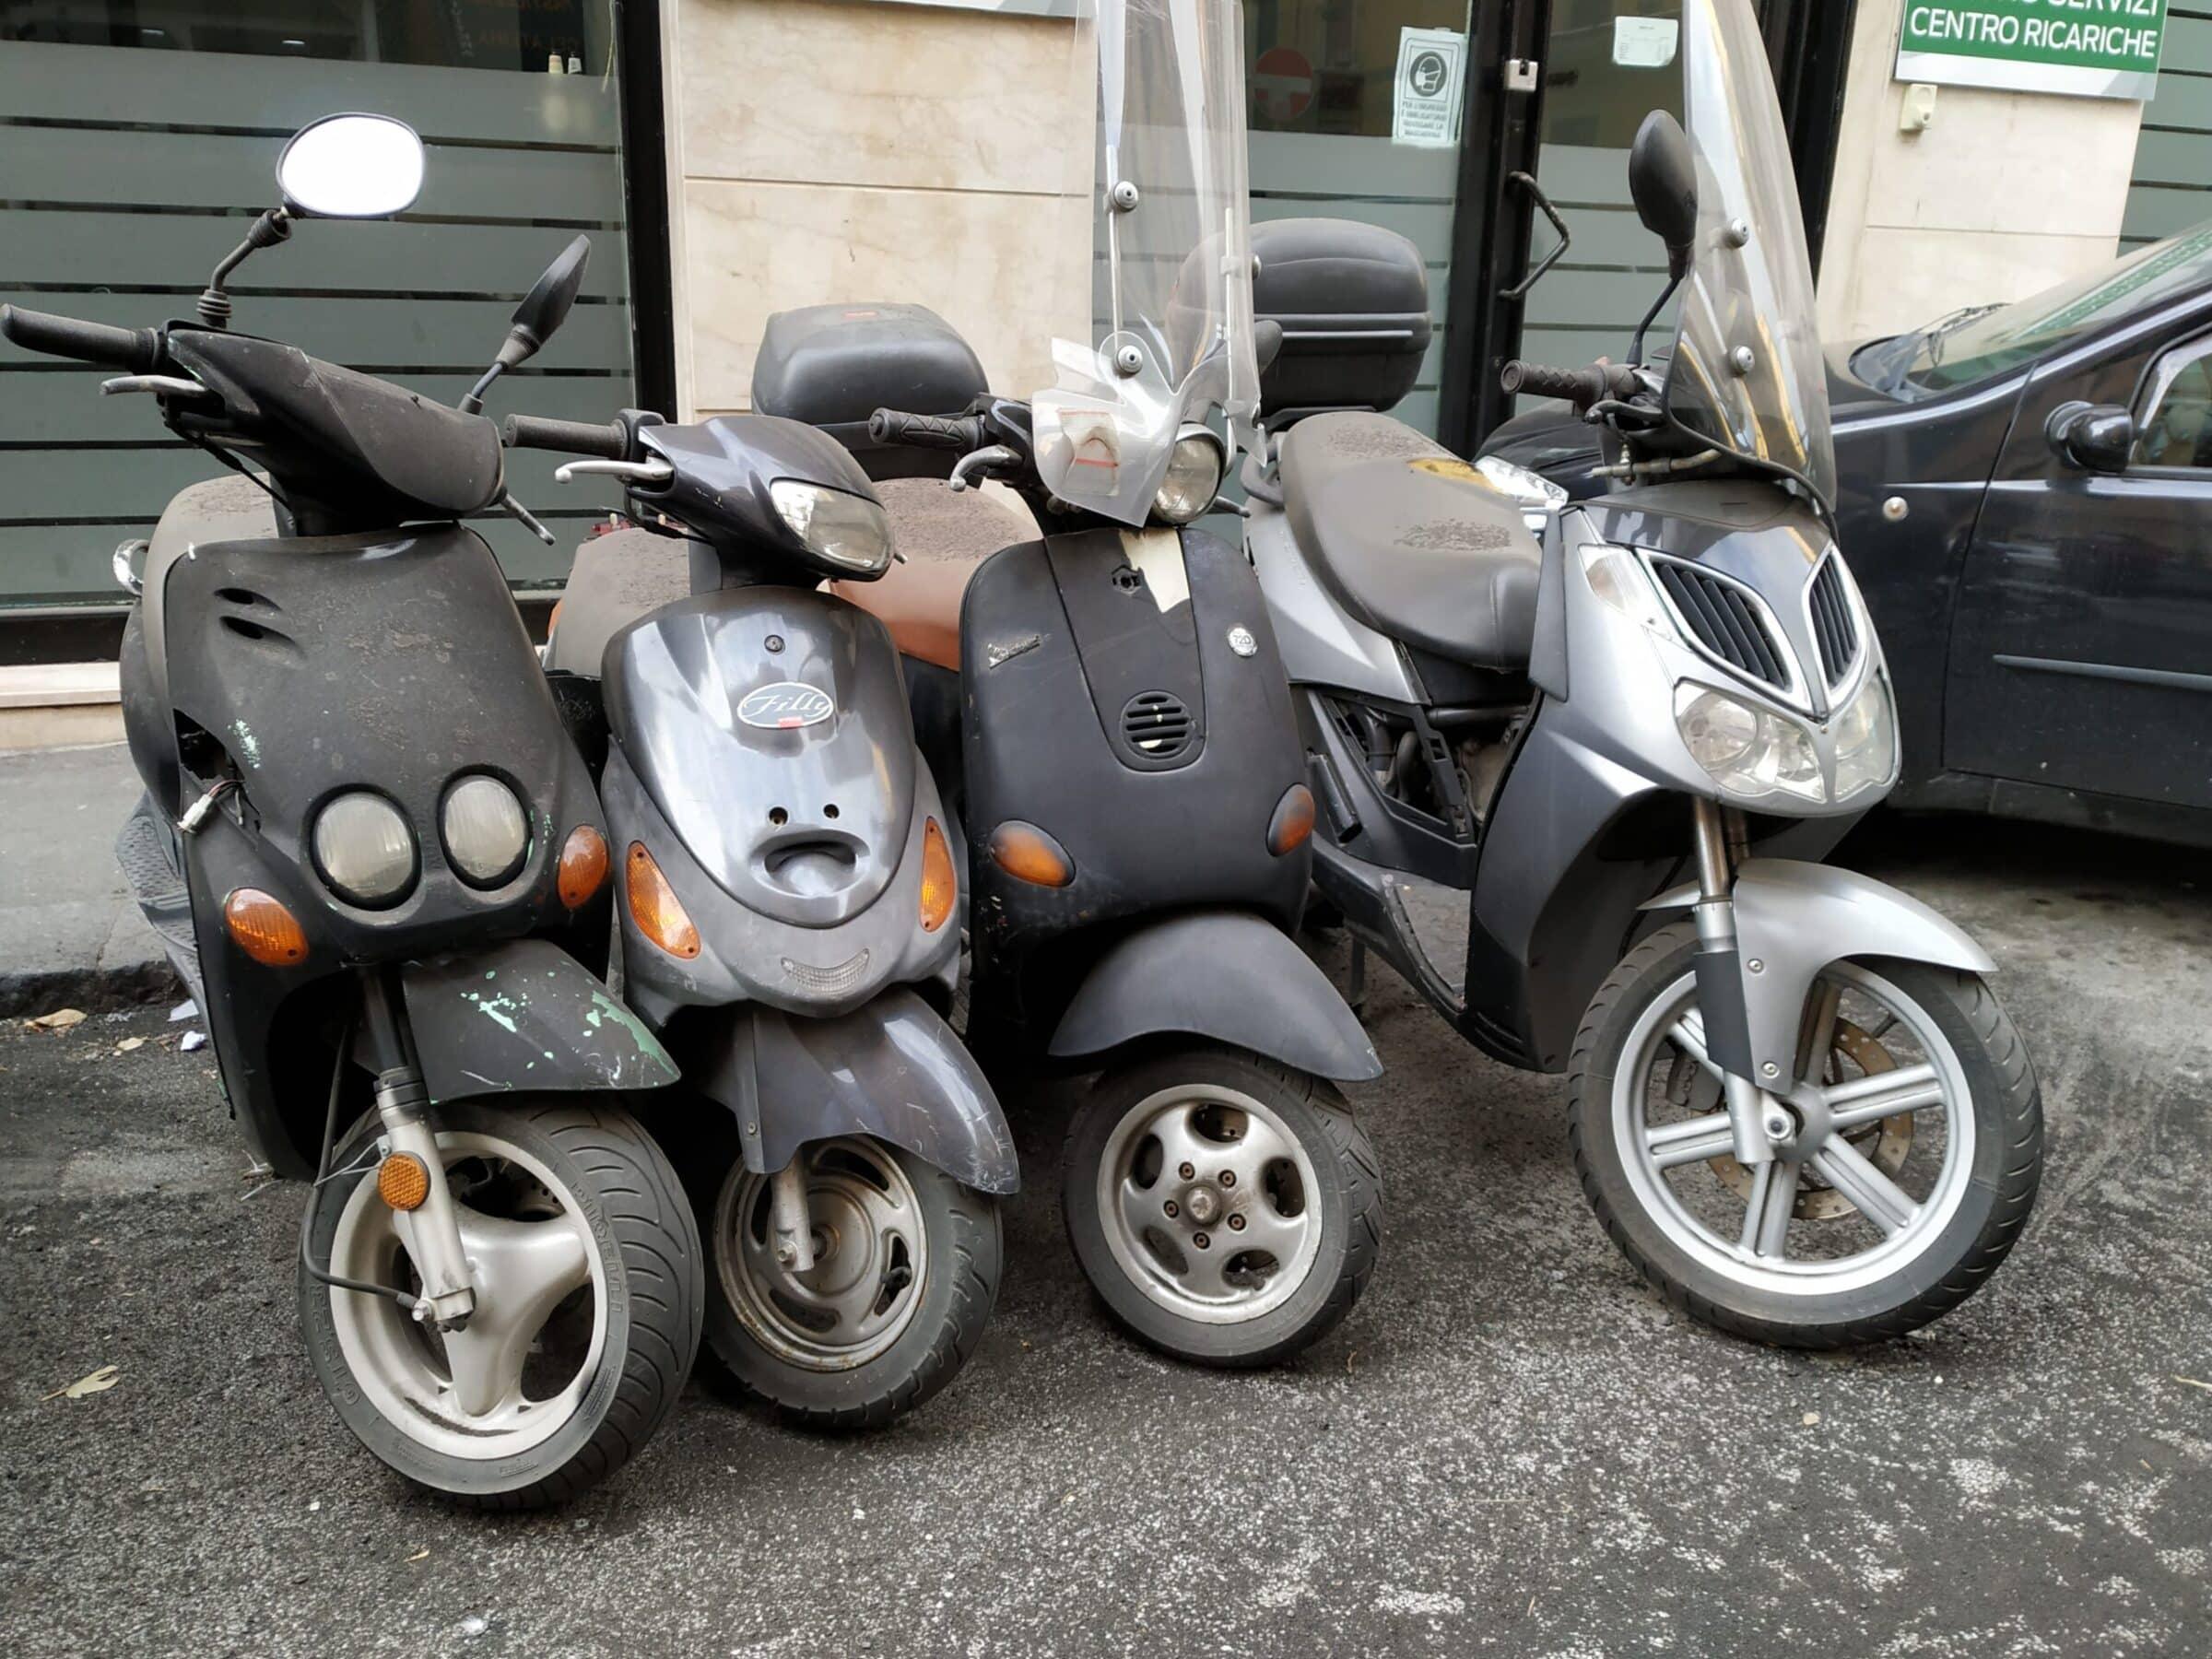 Catania, ancora mezzi a due ruote abbandonati per il quartiere Borgo-Sanzio: la denuncia del Comitato Cittadino Vulcania – Le FOTO